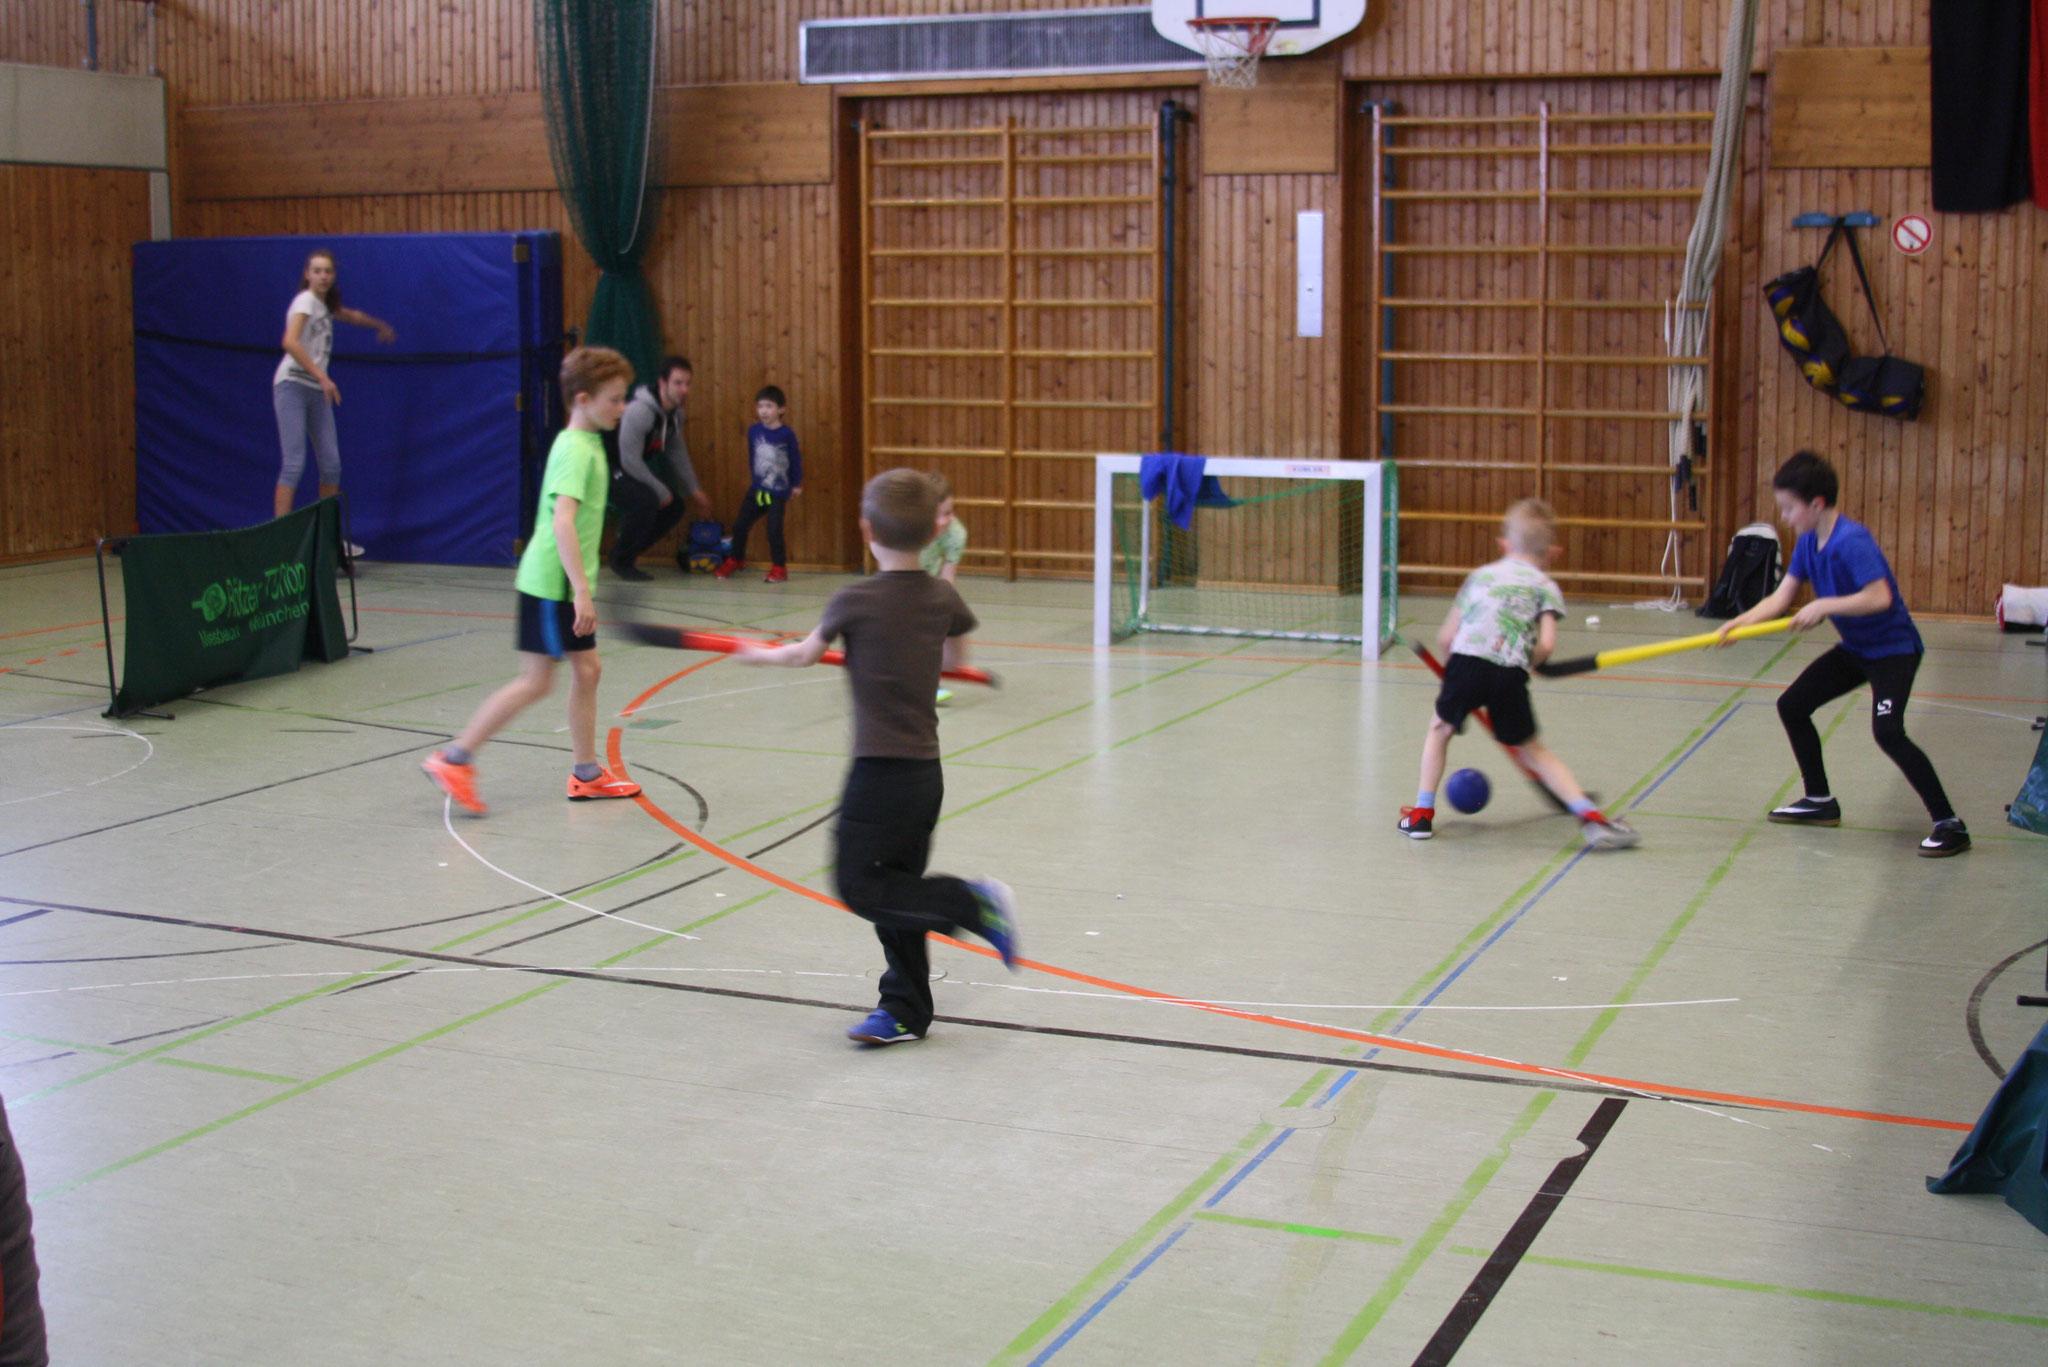 TSV bewegt was - Abenteuerspielplatz Turnhalle